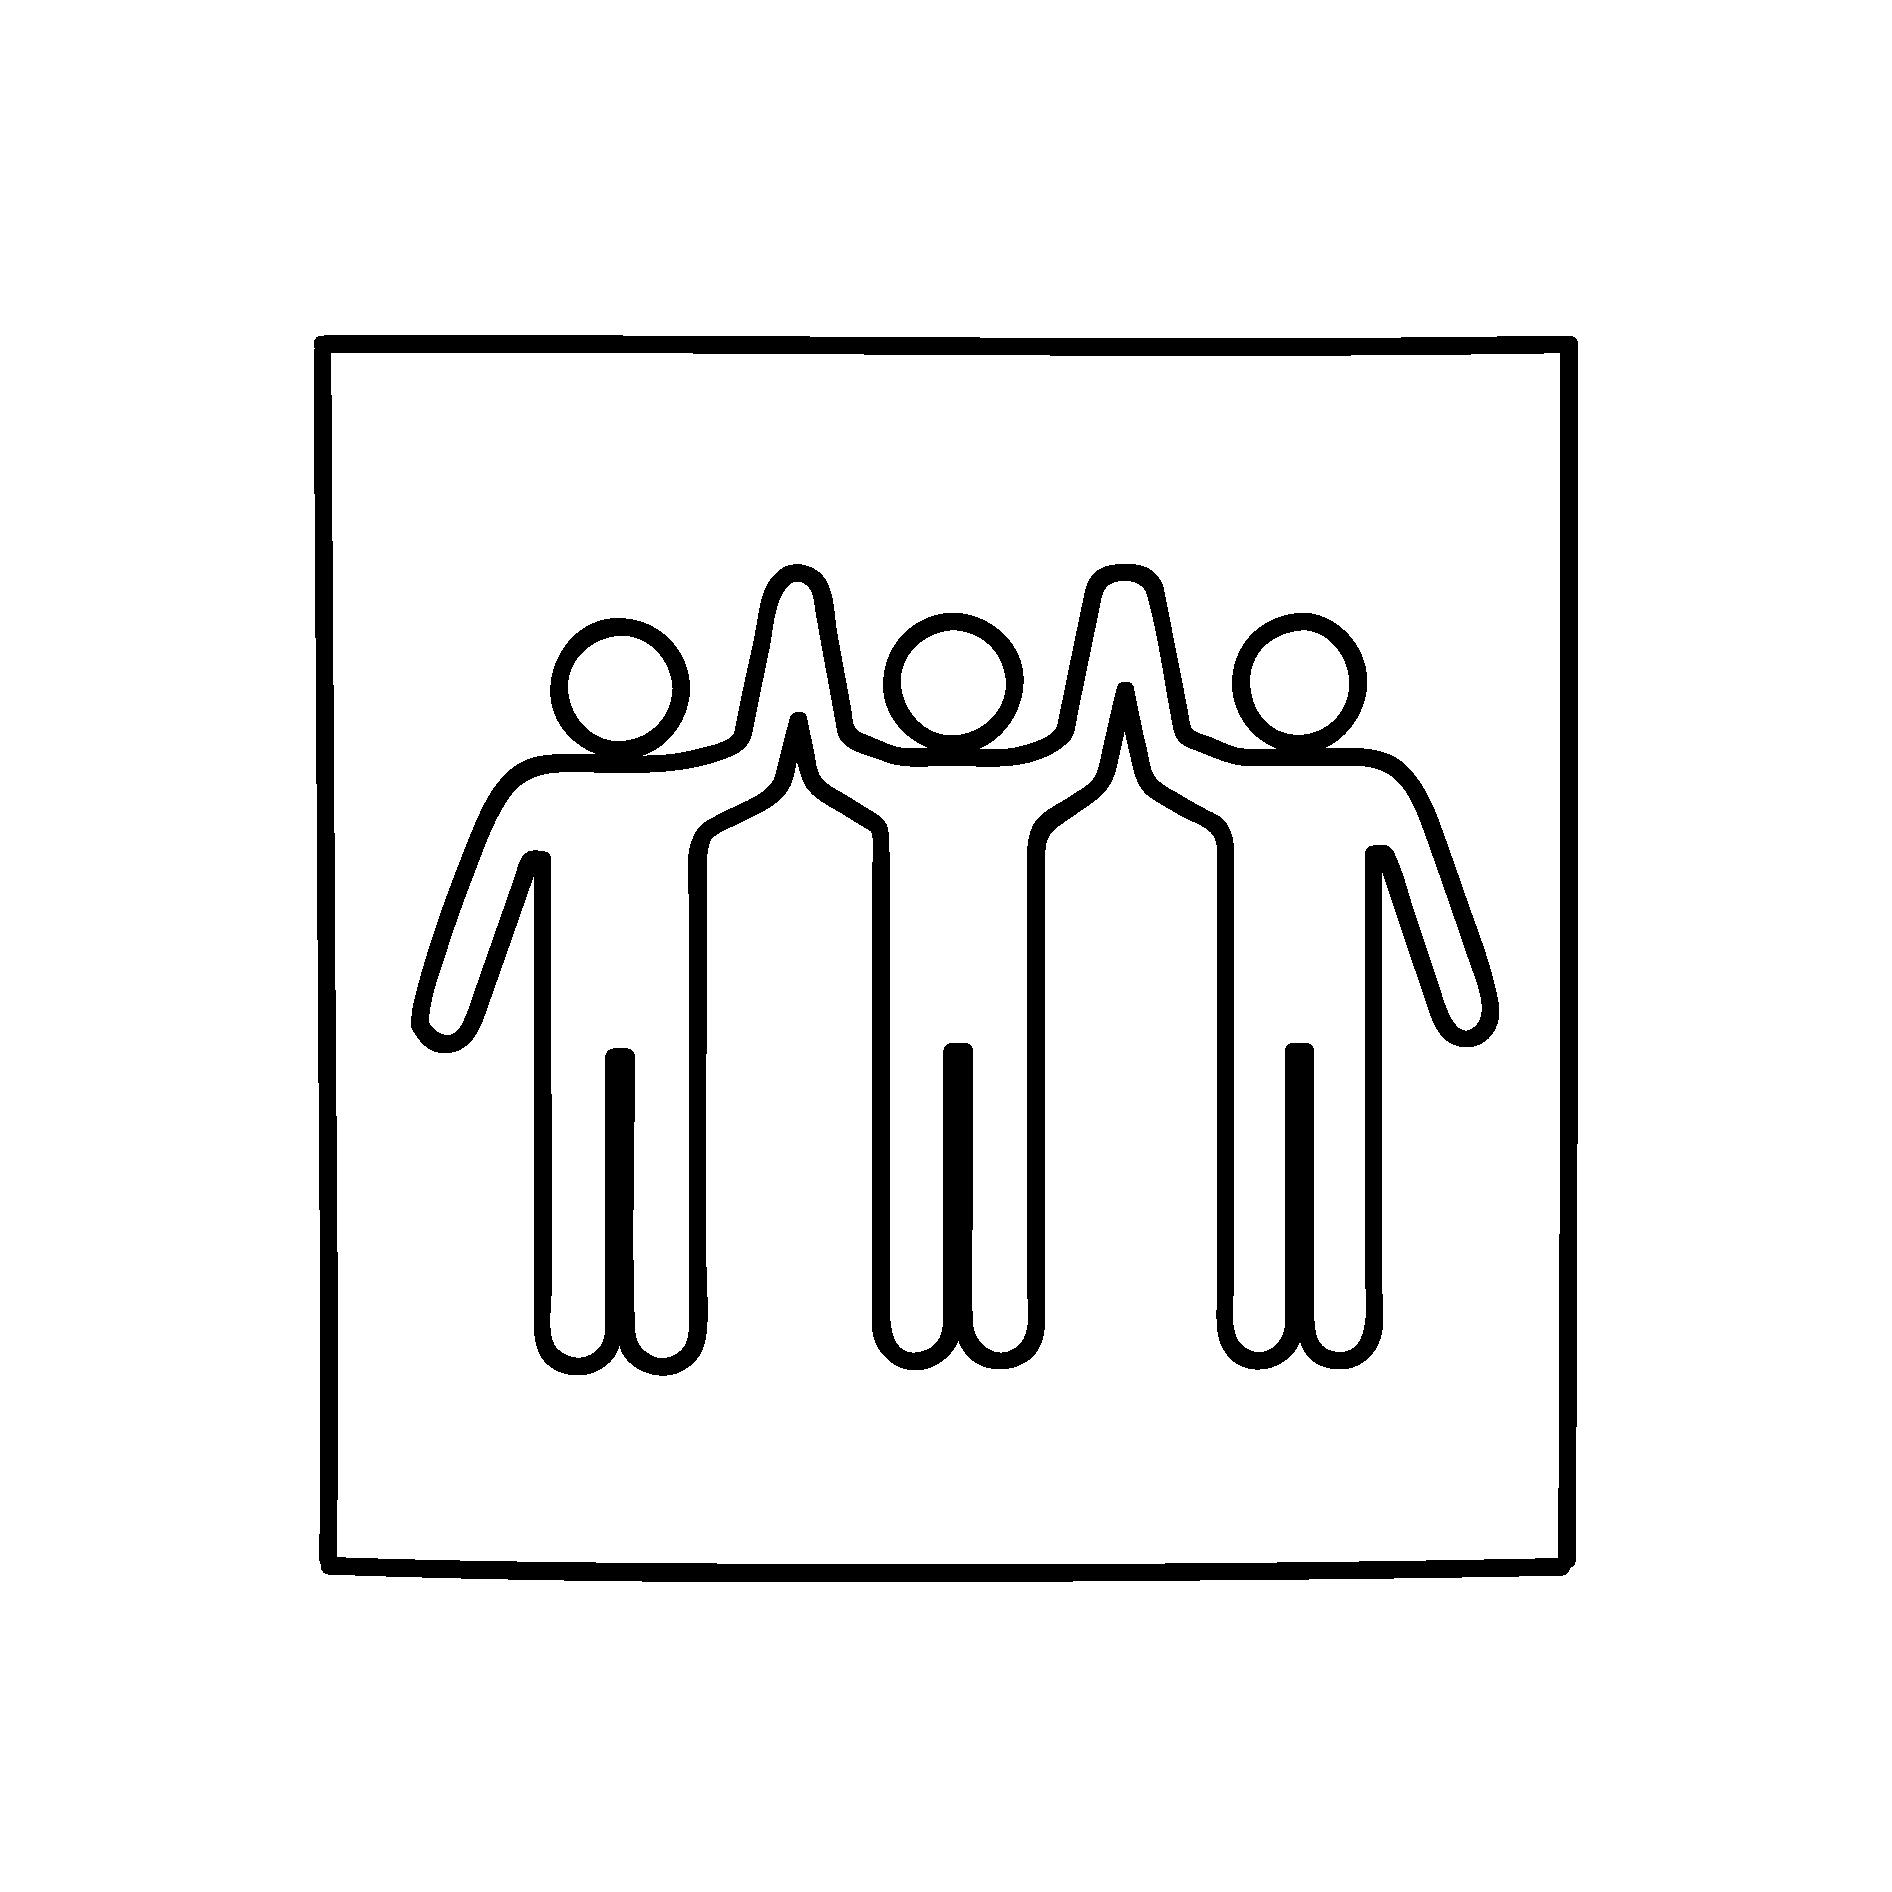 Knapillustrationsforpete-21.png